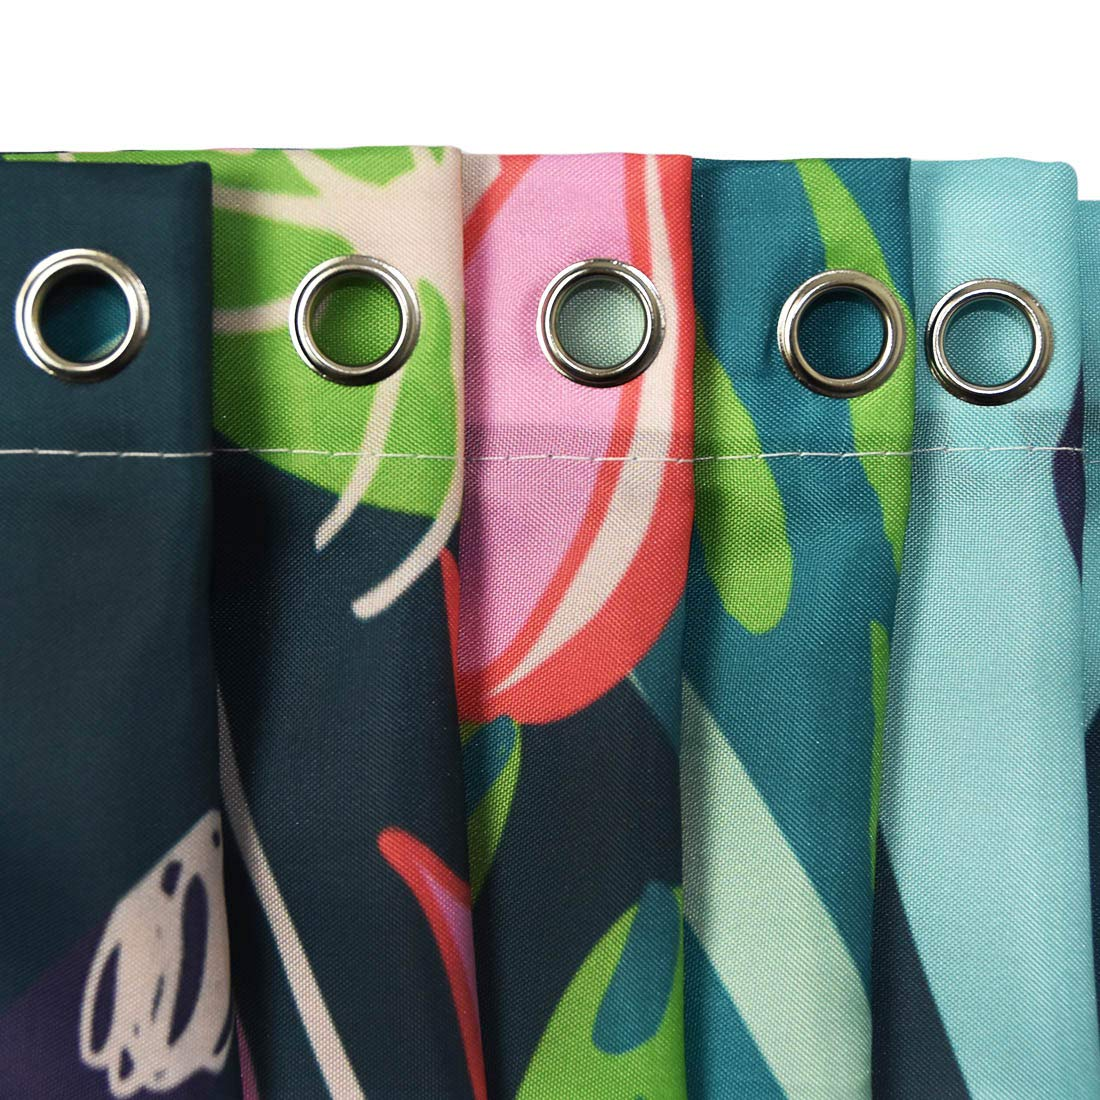 Litthing Cortina de Ducha Anti-Molde Estilo de Planta Verde 180 cm * 180 cm / 12 Anillos de Cortina para el Baño con Vibrante Colores de Impresión Digital ...